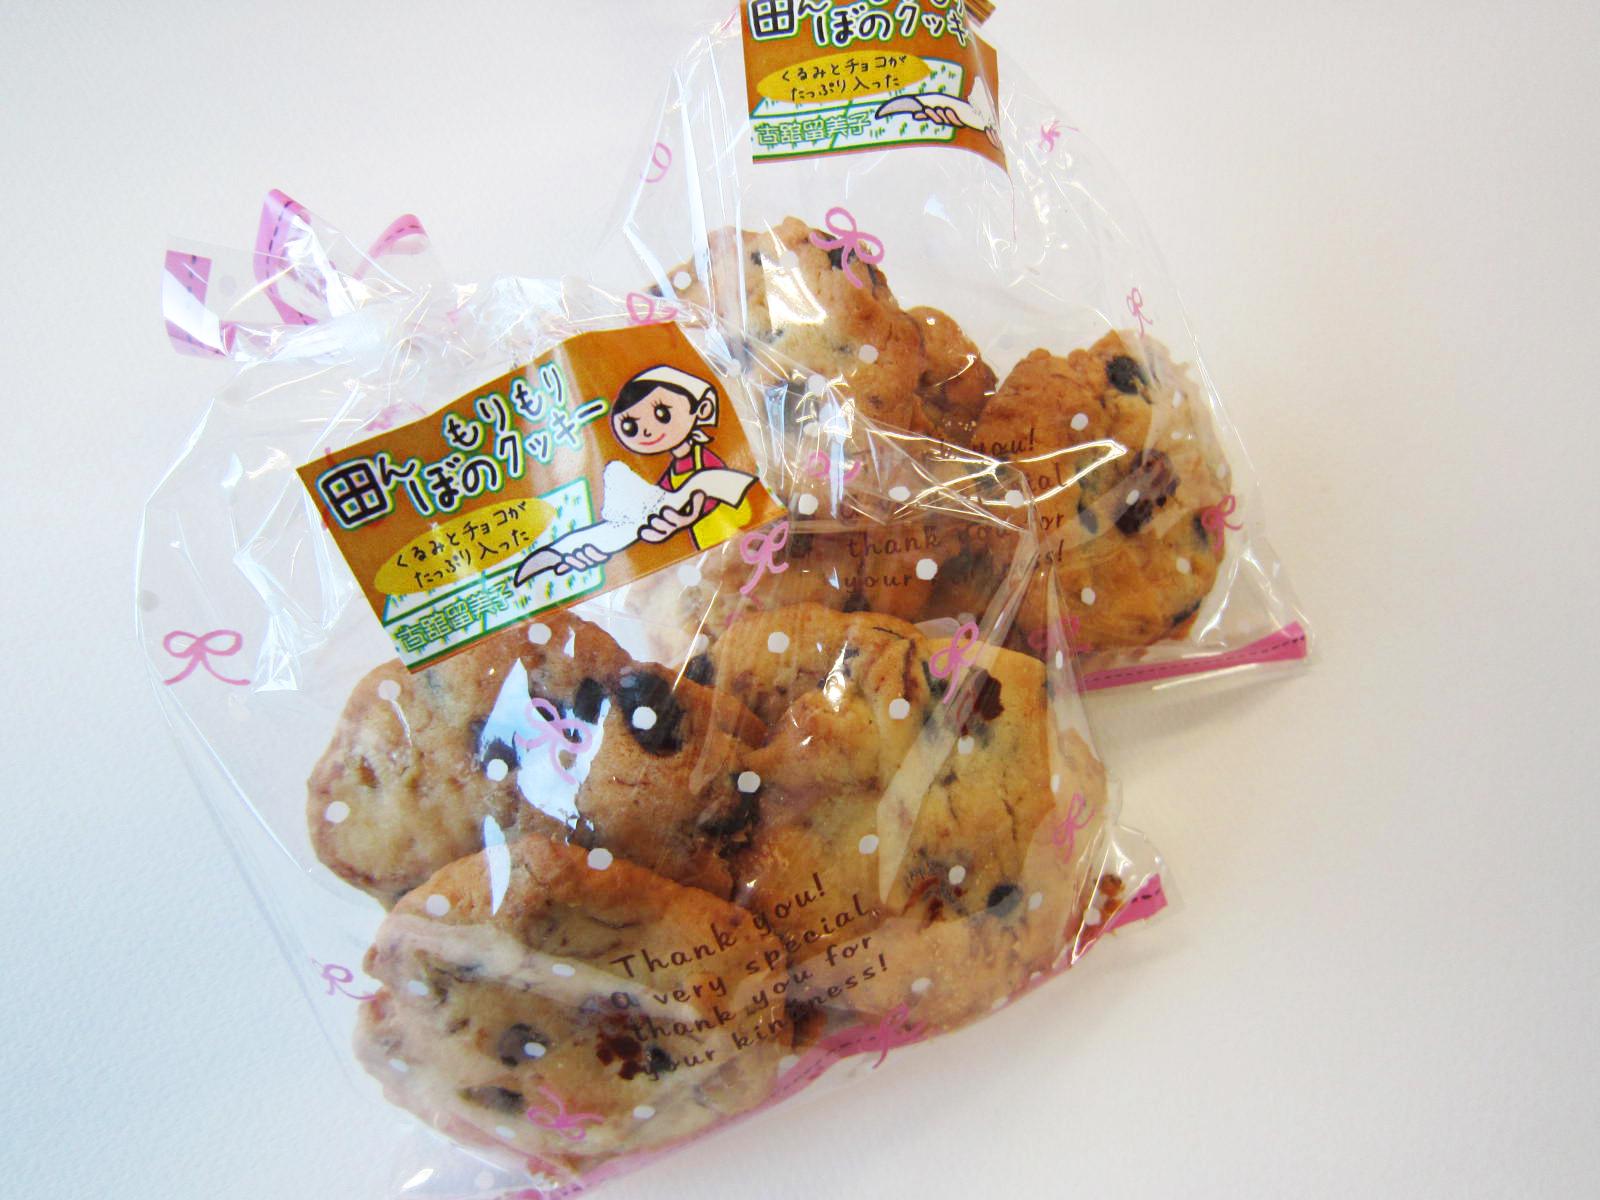 生産者 古舘留美子さんのもりもりクッキー